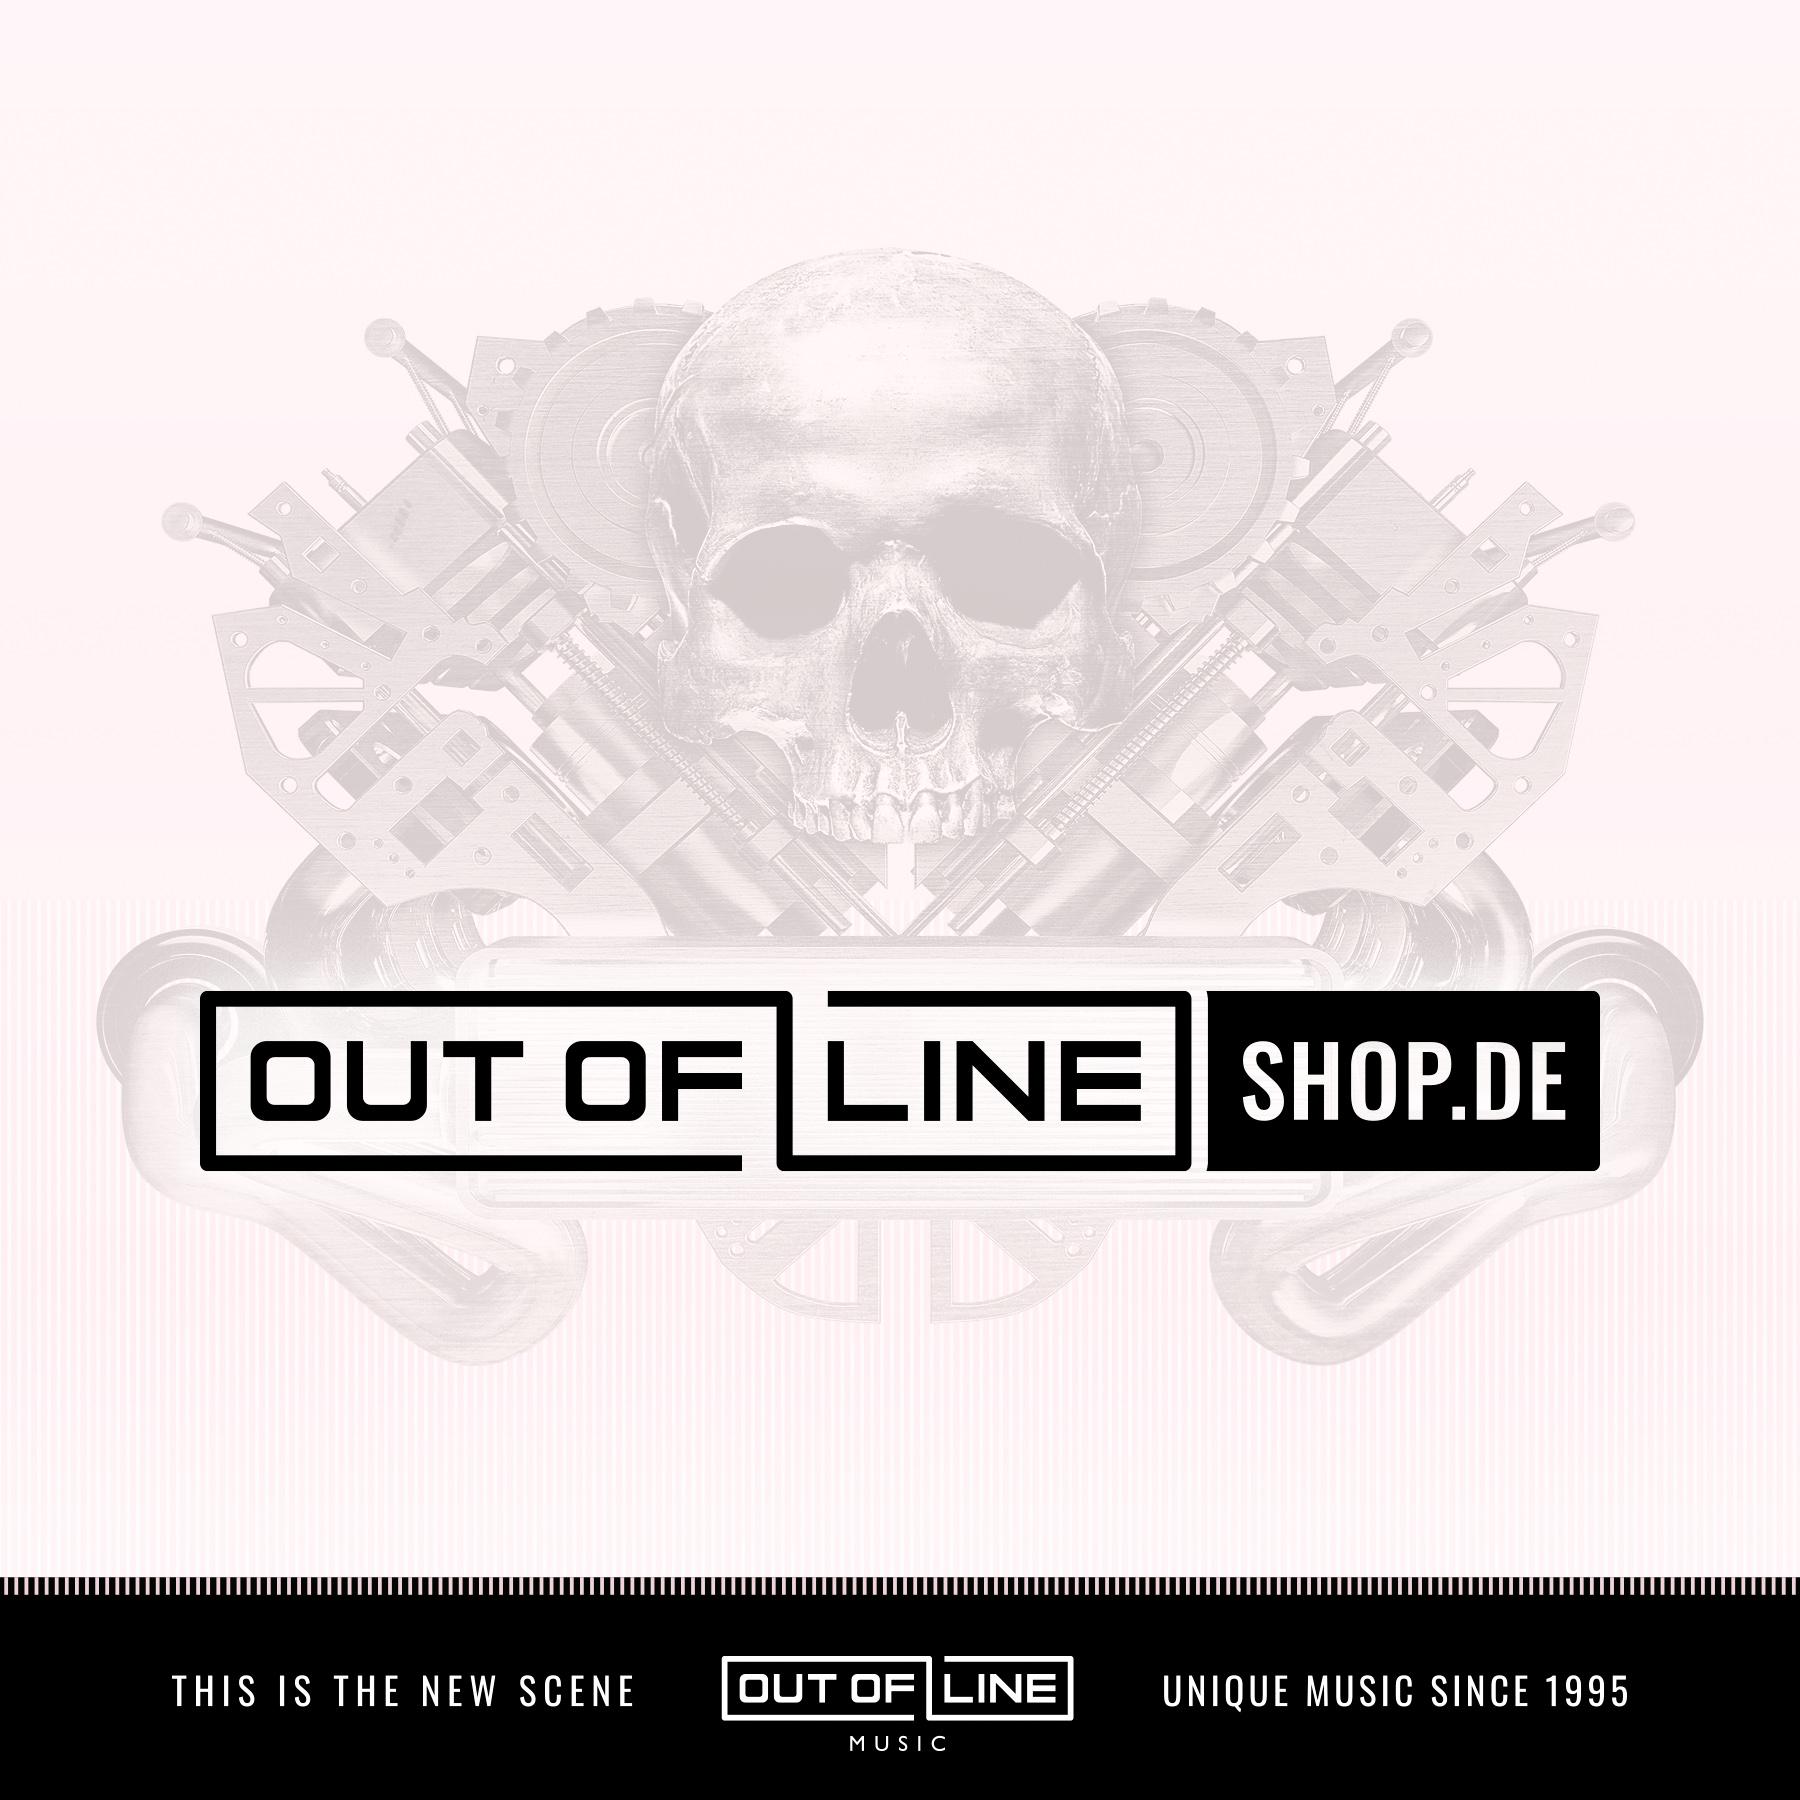 V.A. - Machineries Of Joy Vol. 5 - 2CD